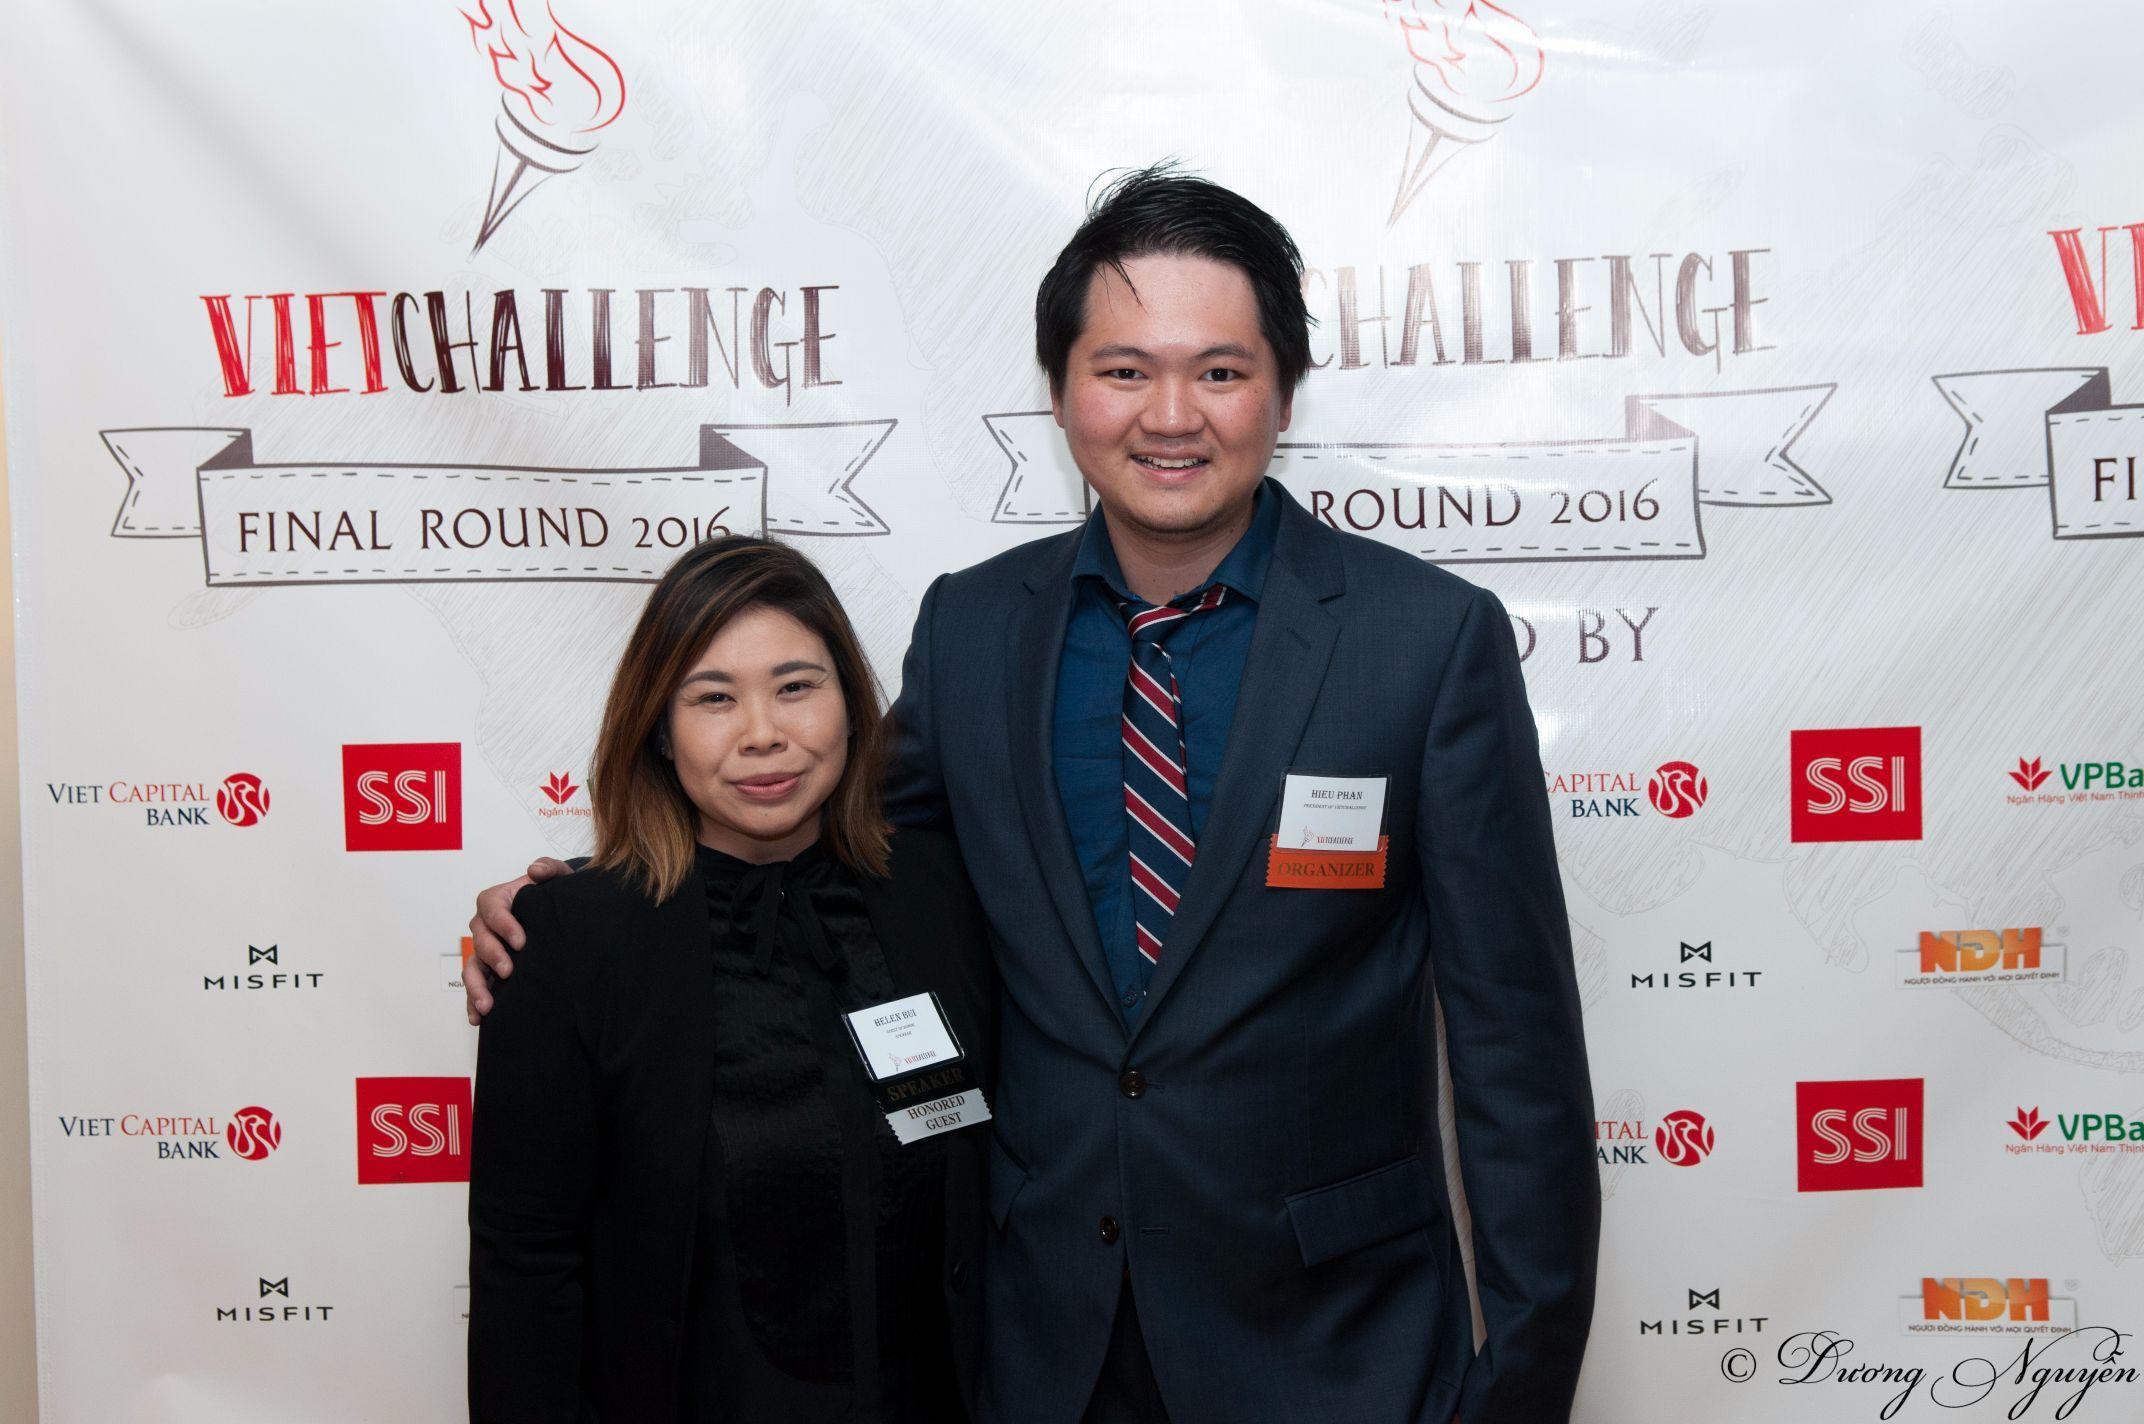 Hiếu chụp cùng Hellen Bùi- cựu CEO của Wall Street Journal